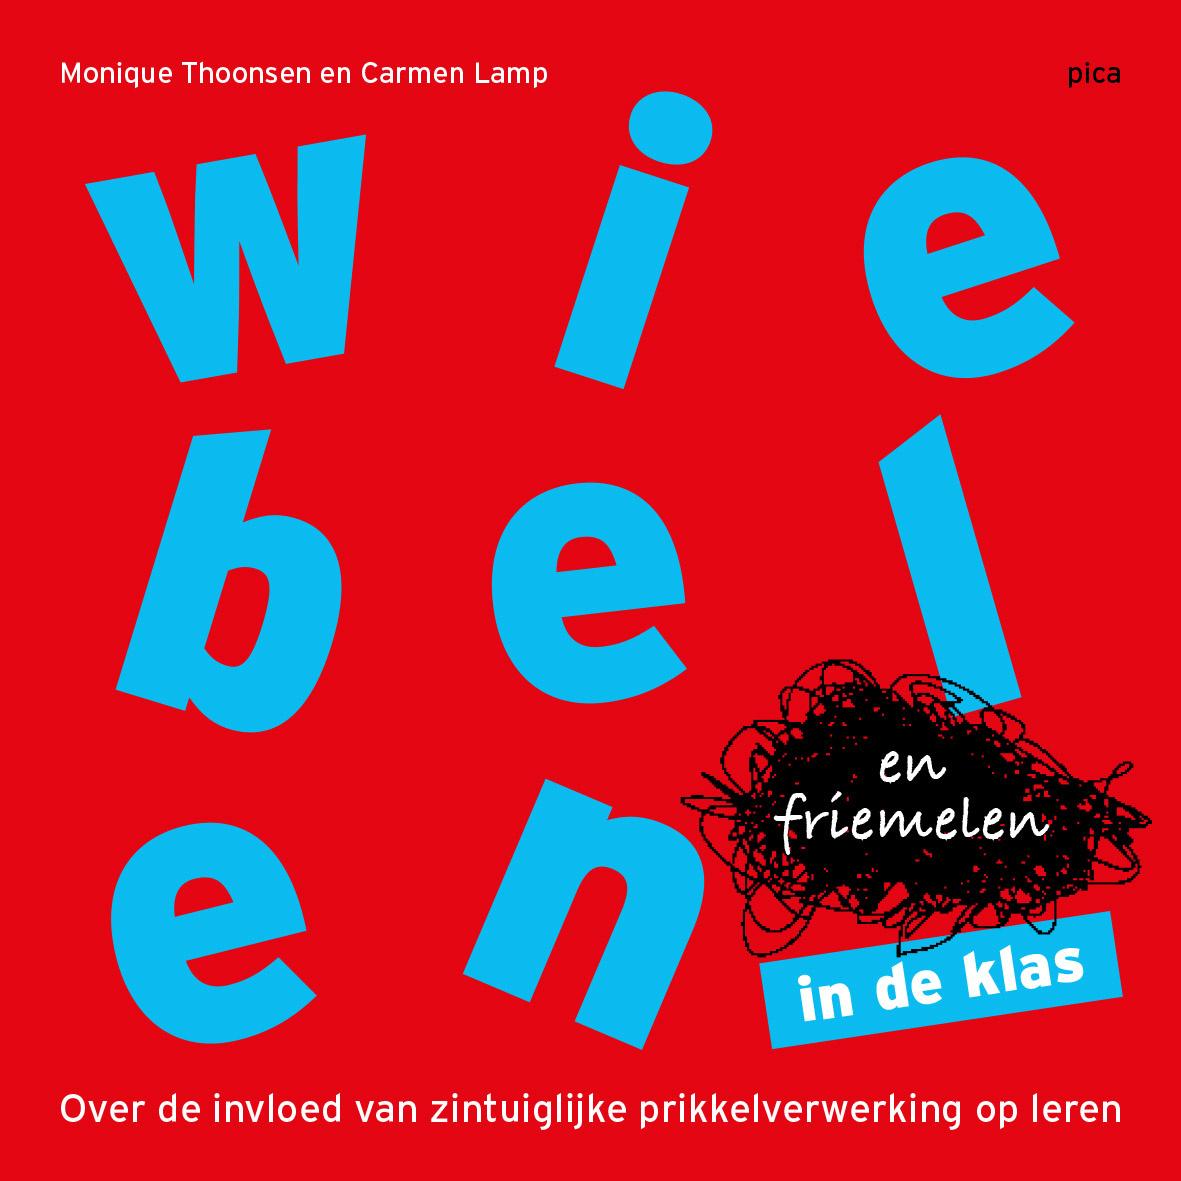 Wiebelen en Friemelen in de klas - door Monique Thoonsen en Carmen Lamp